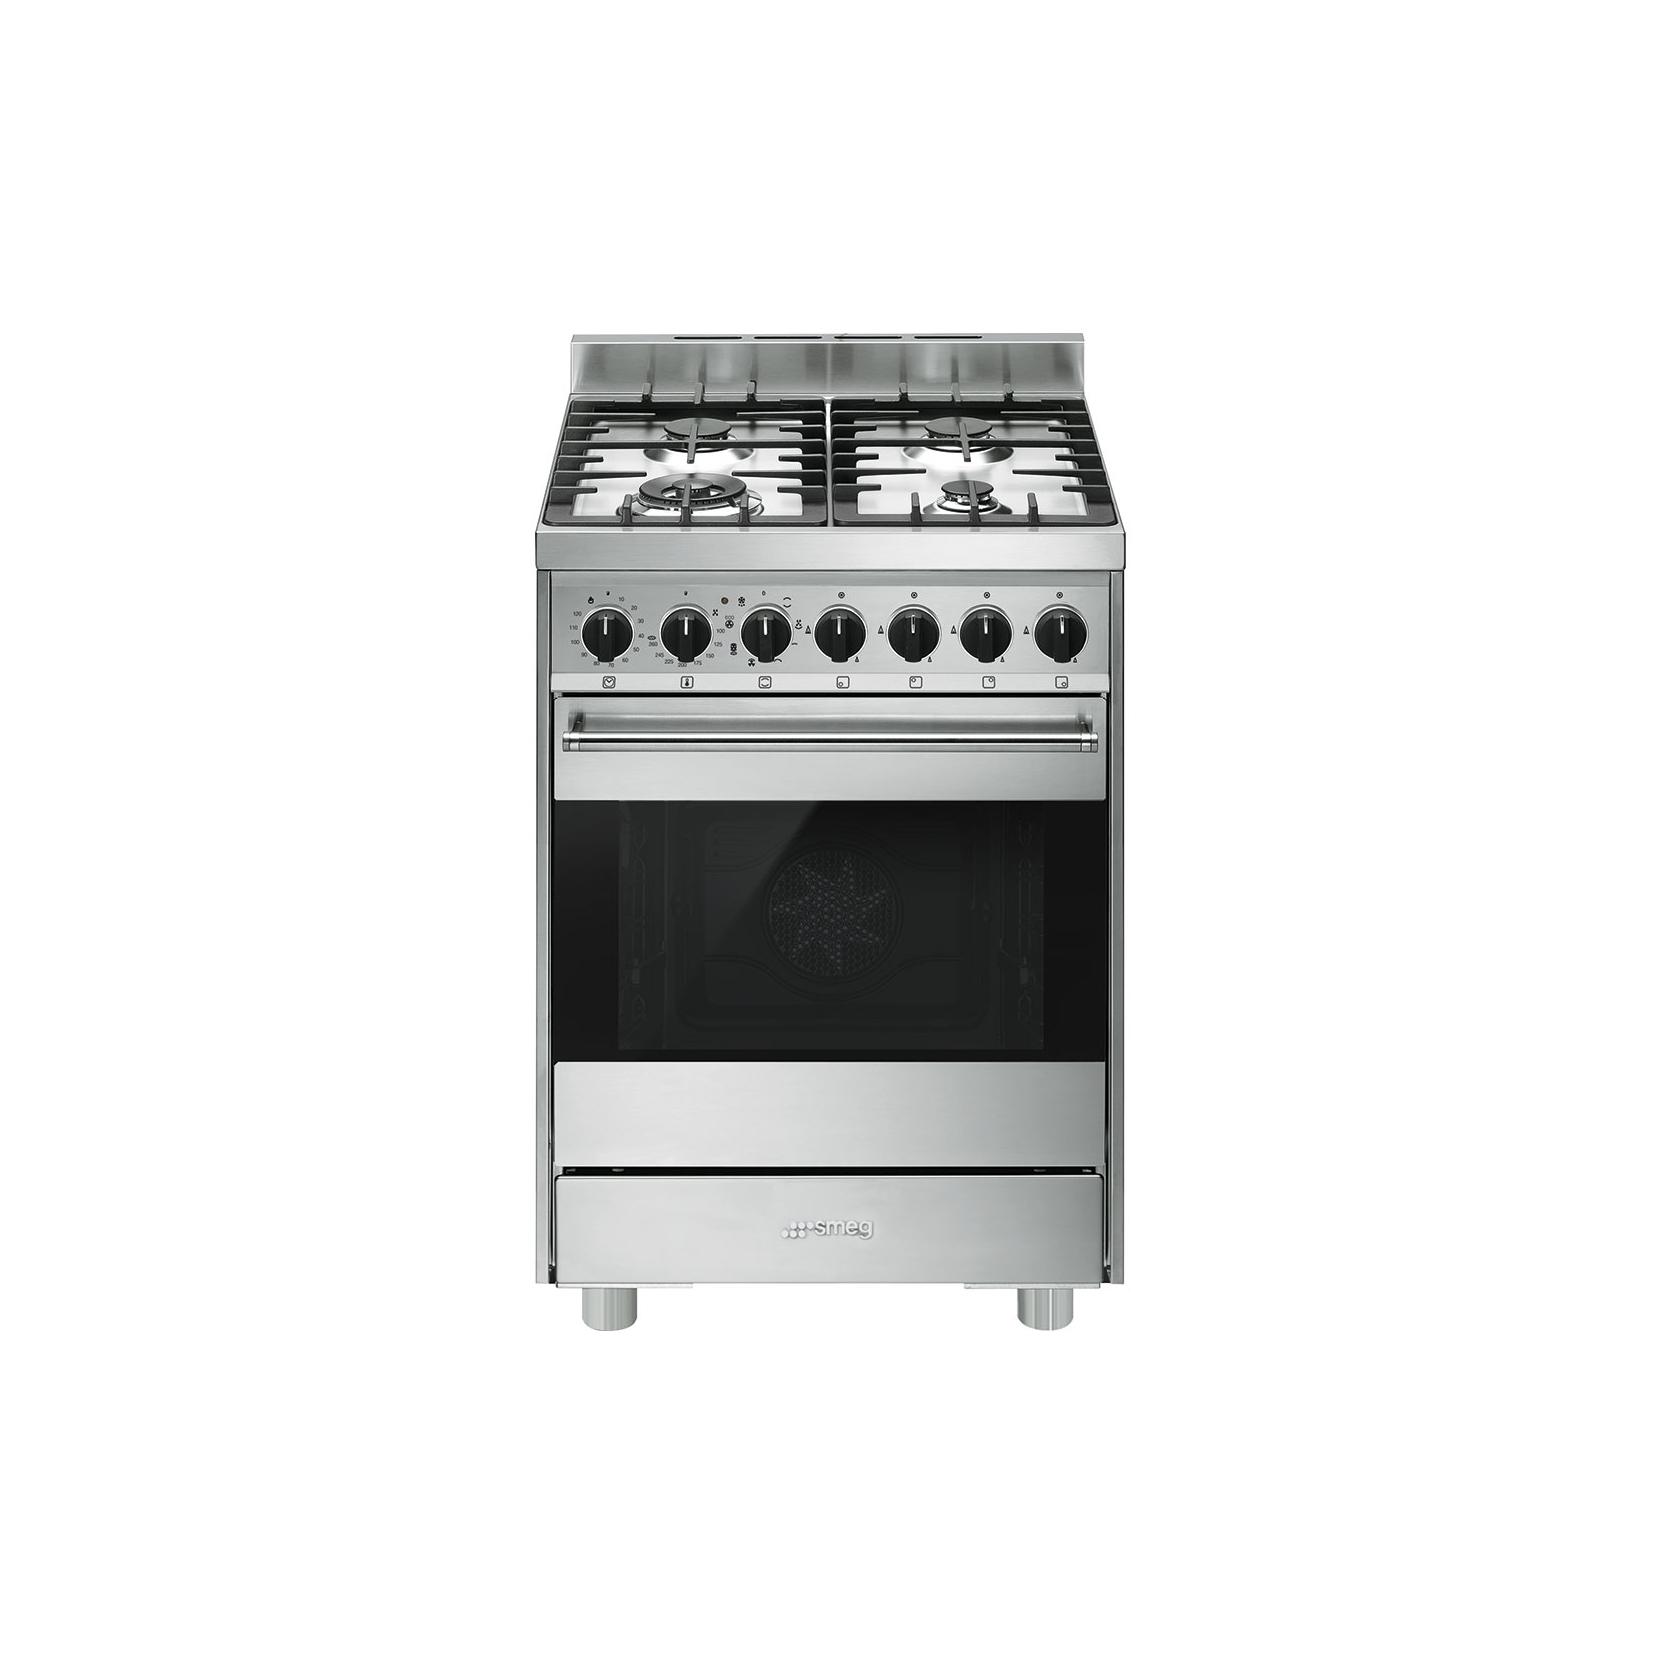 Smeg b6gmxi9 cucina a gas forno elettrico multifunzione 60x60 cm inox garanzia italia - Cucina con forno ventilato ...